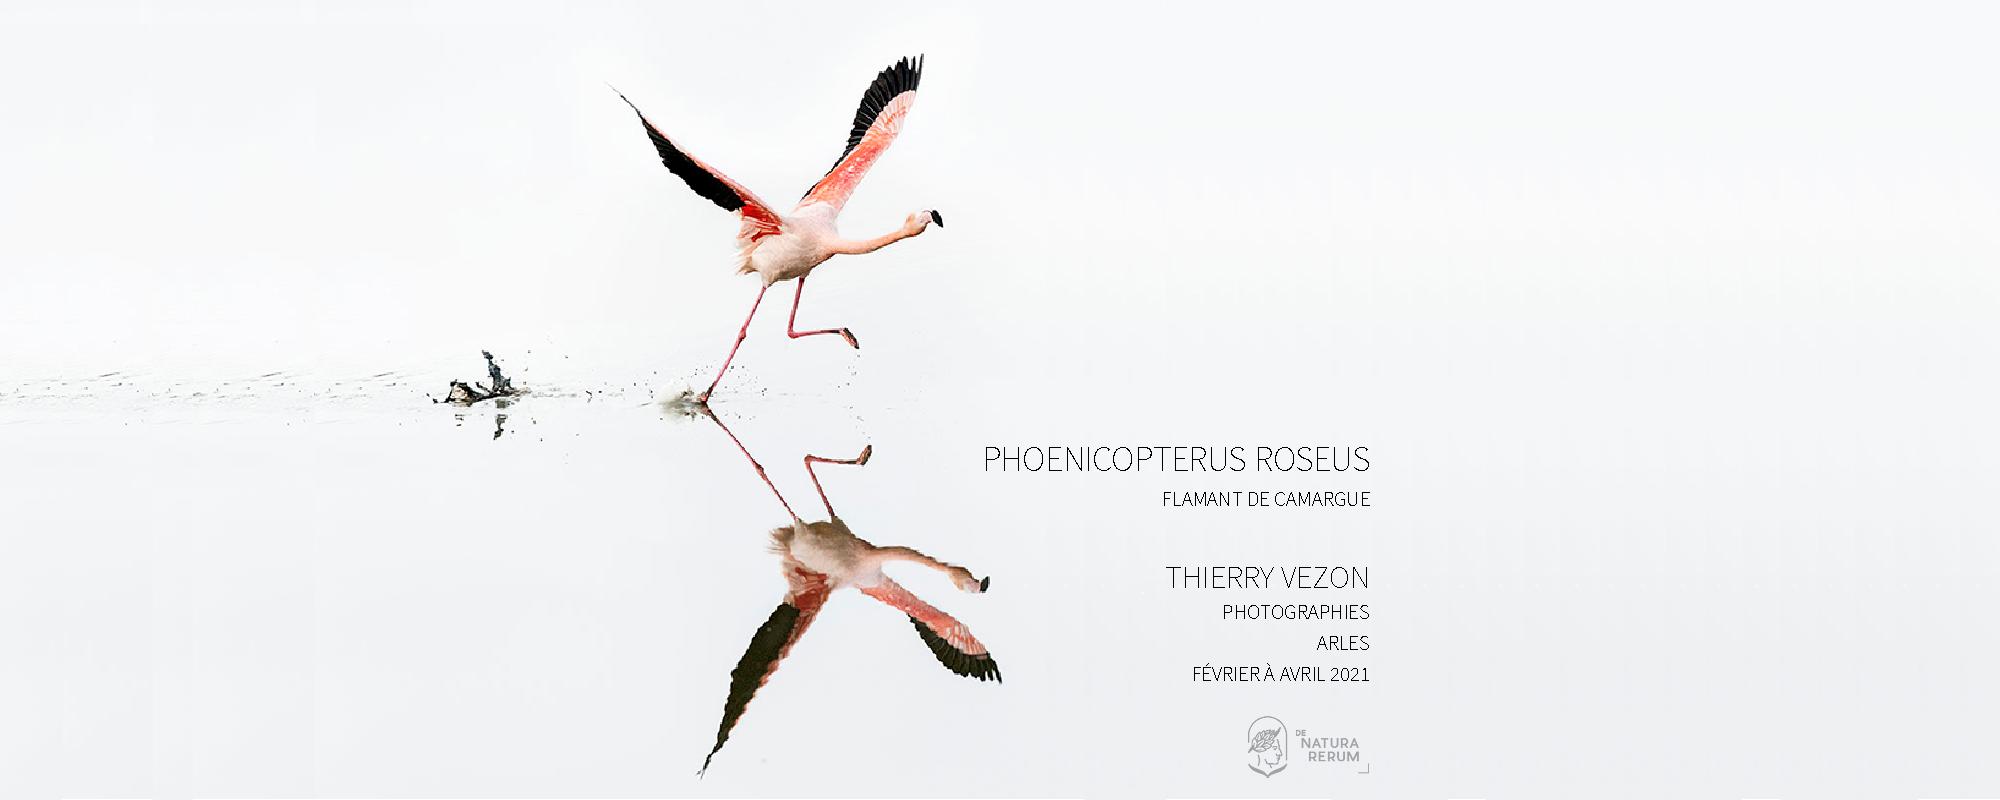 Phoenicopterus roseus Thierry Vezon De natura rerum Arles 2021